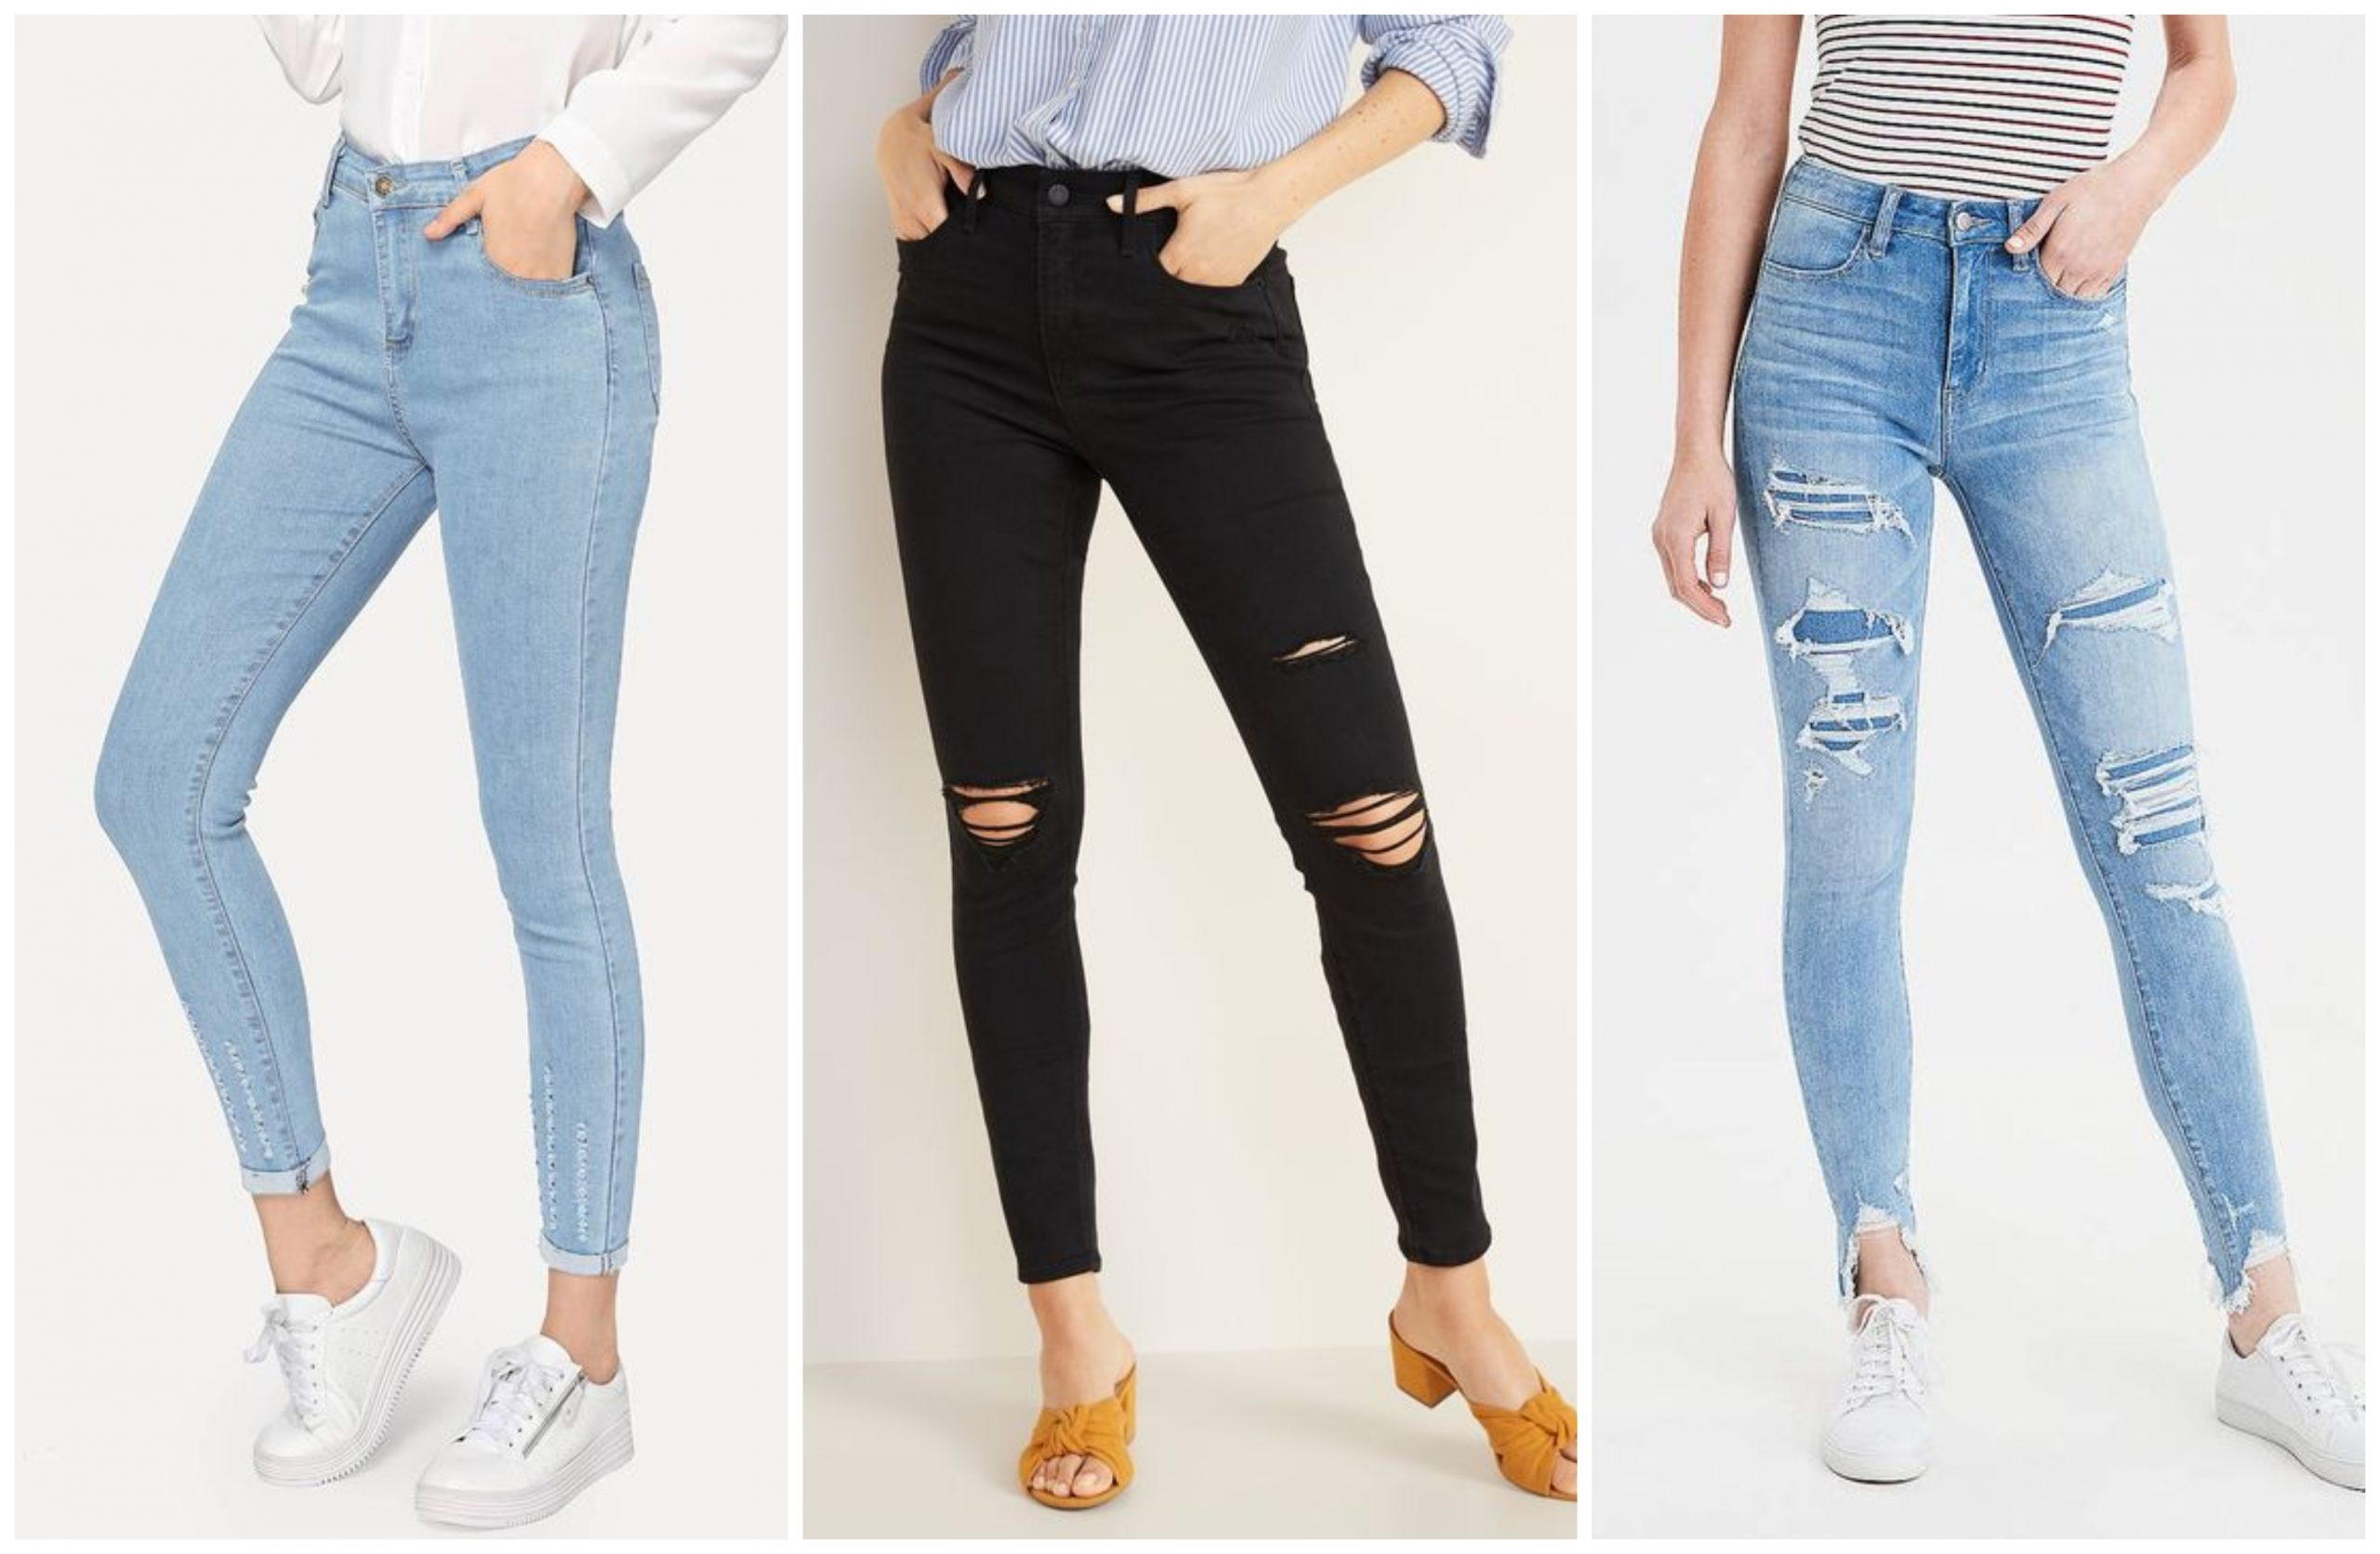 Jeans que favorecen a todas y son tendencia en este 2021